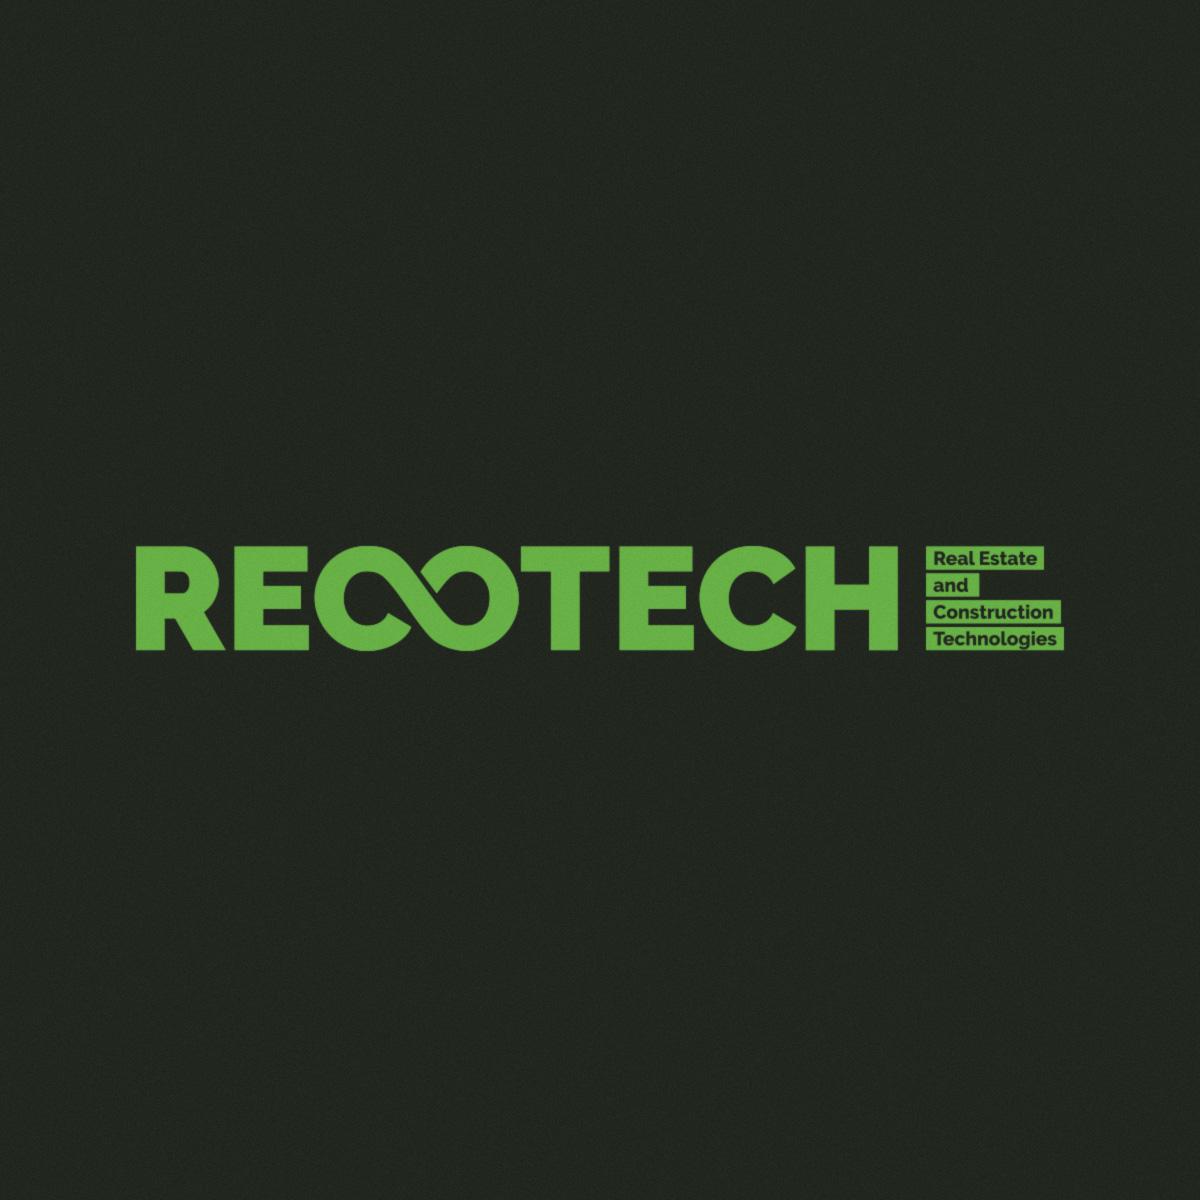 recotech